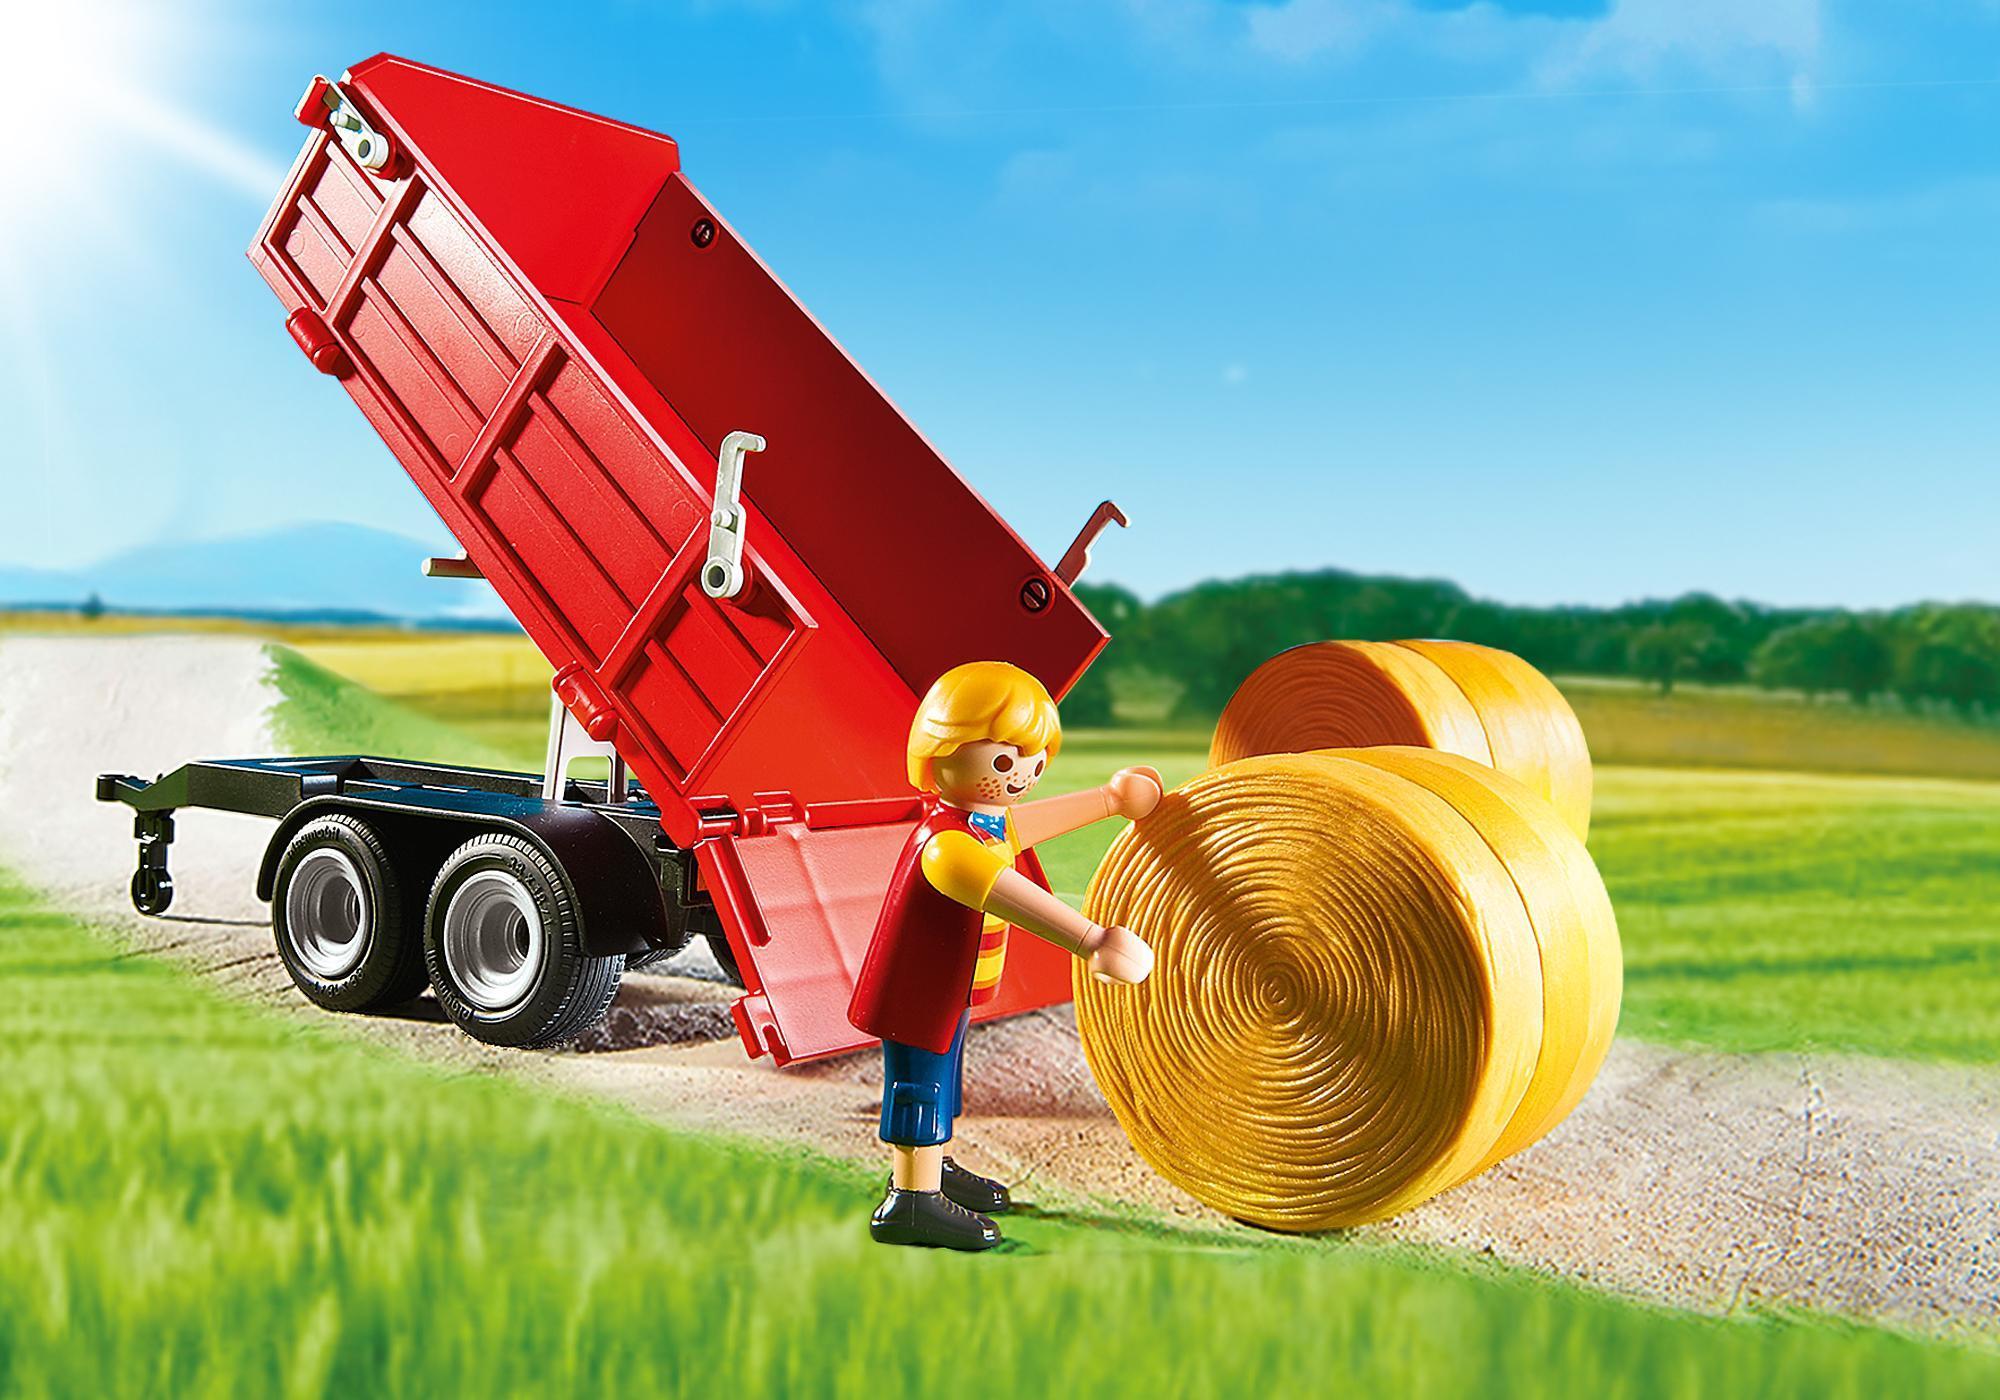 http://media.playmobil.com/i/playmobil/6130_product_extra1/Trator com Atrelado